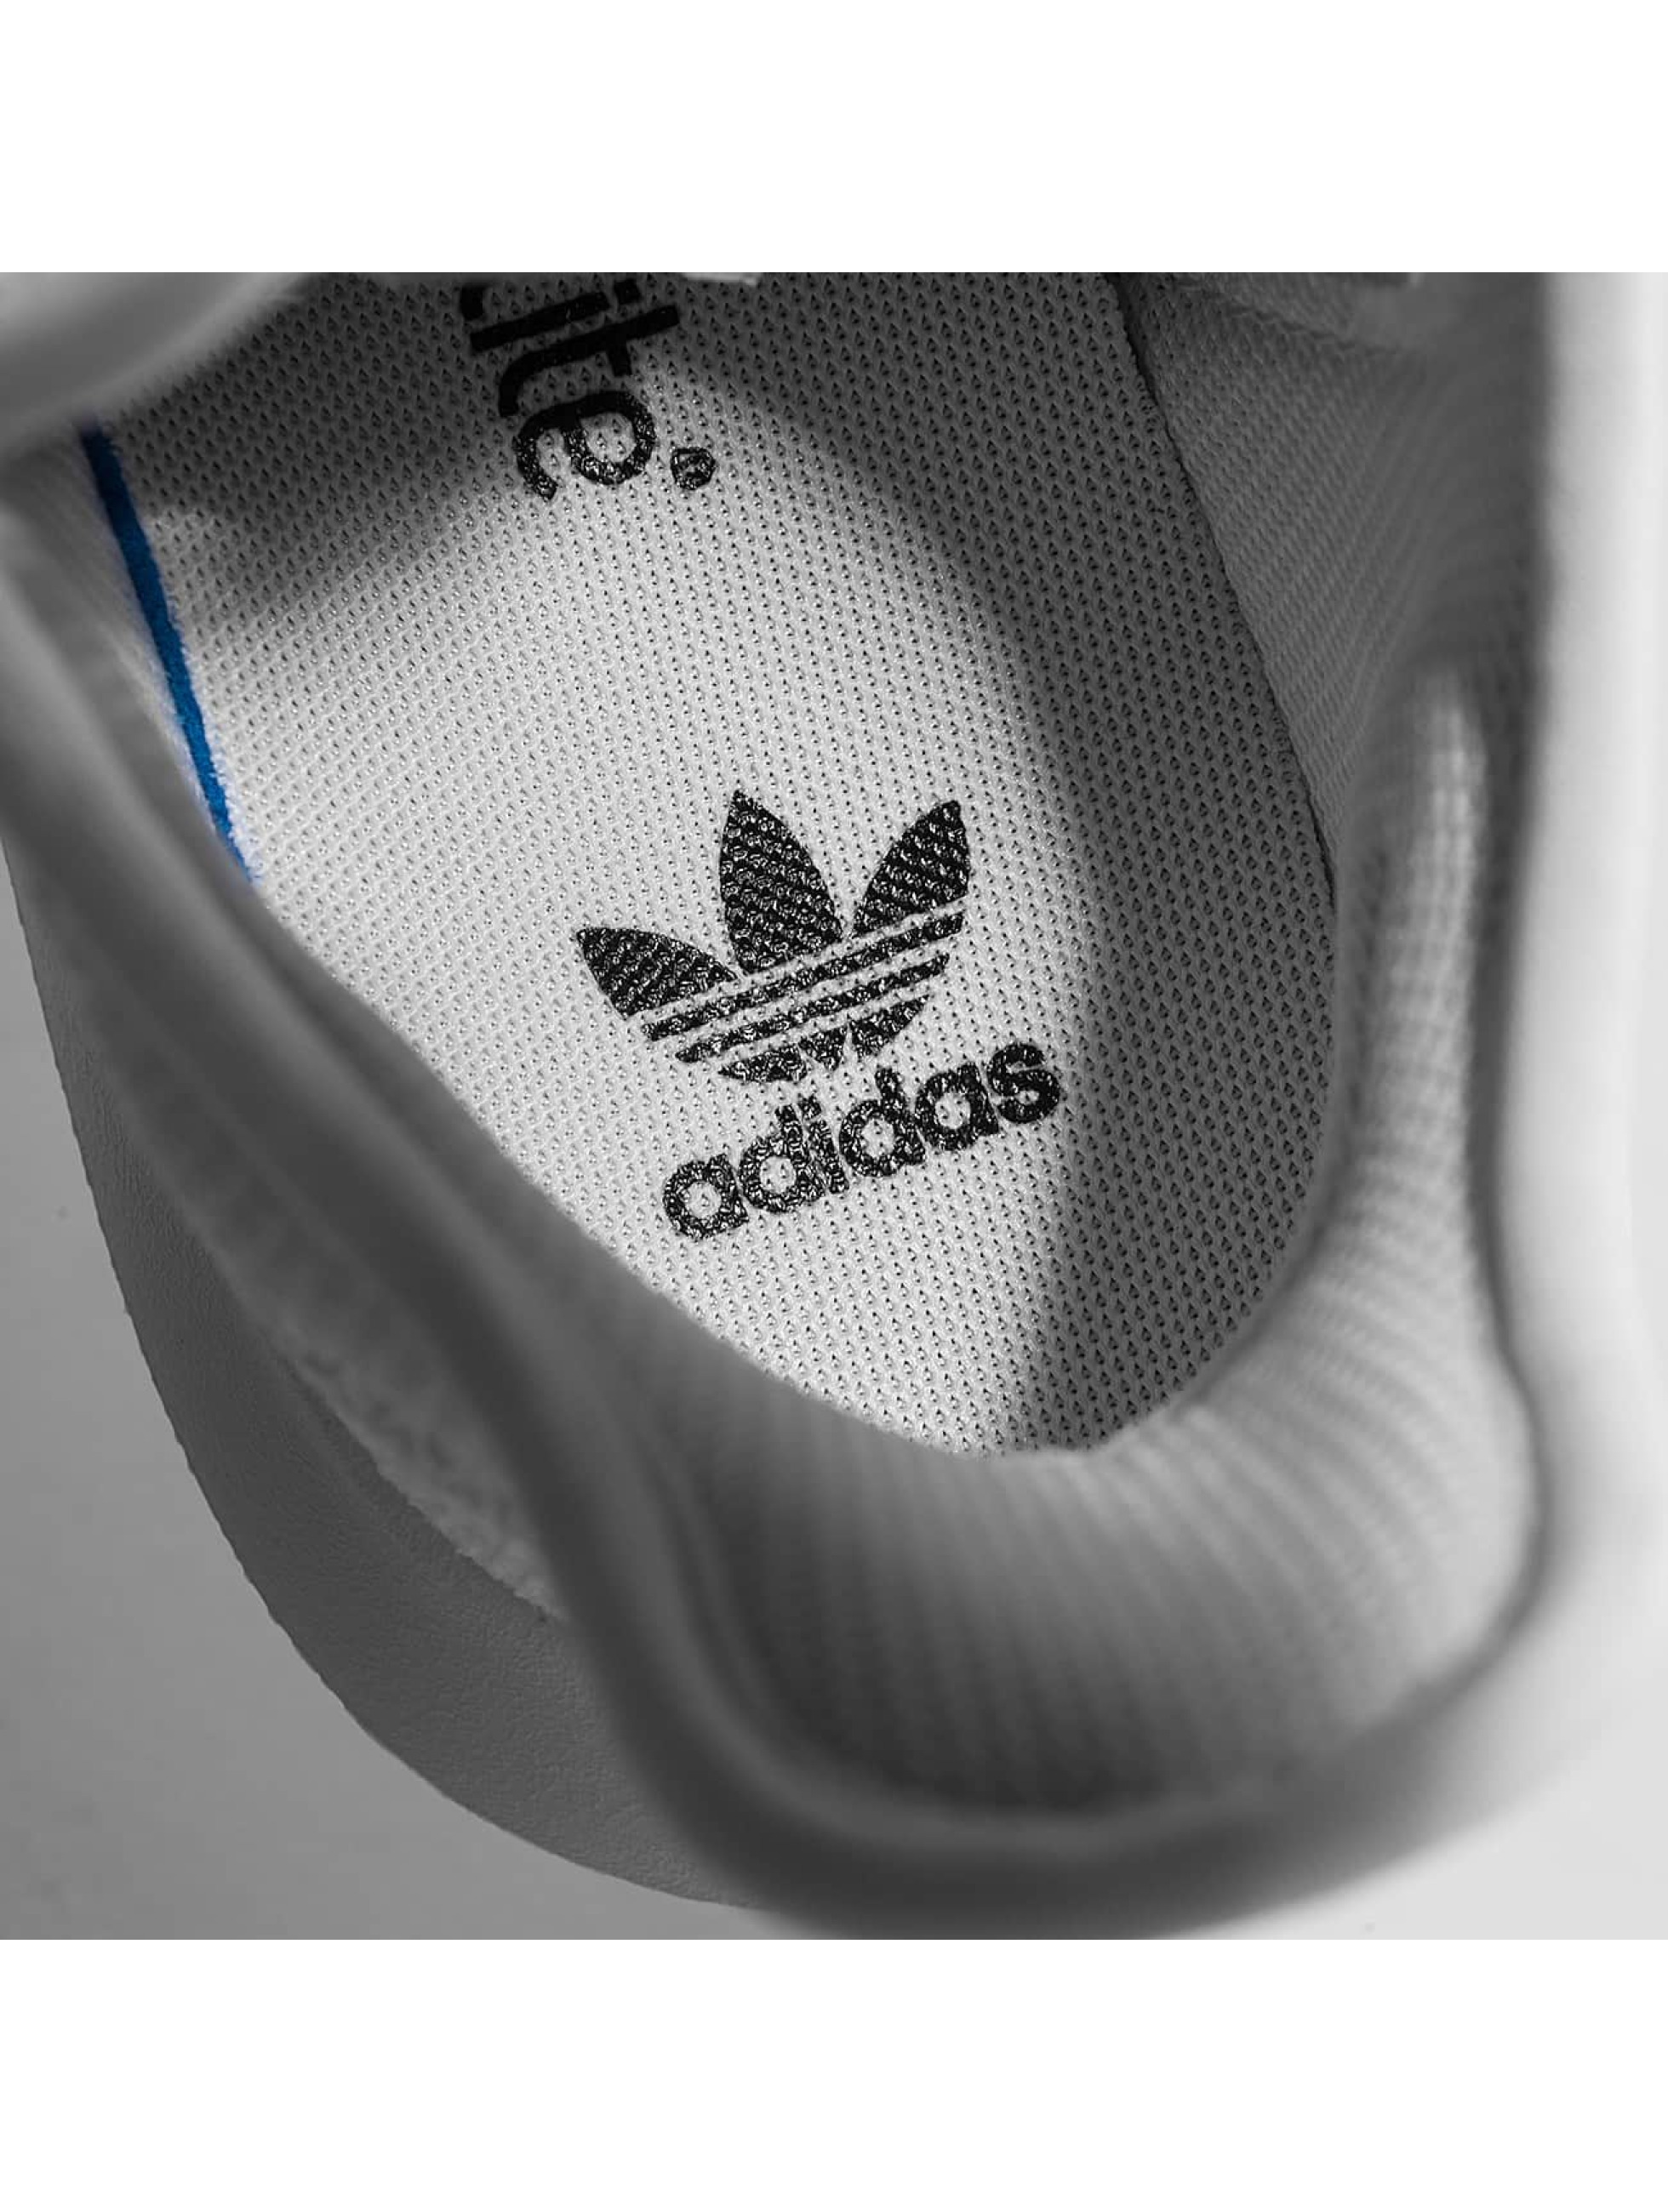 adidas Sneakers Tubular Shadow white